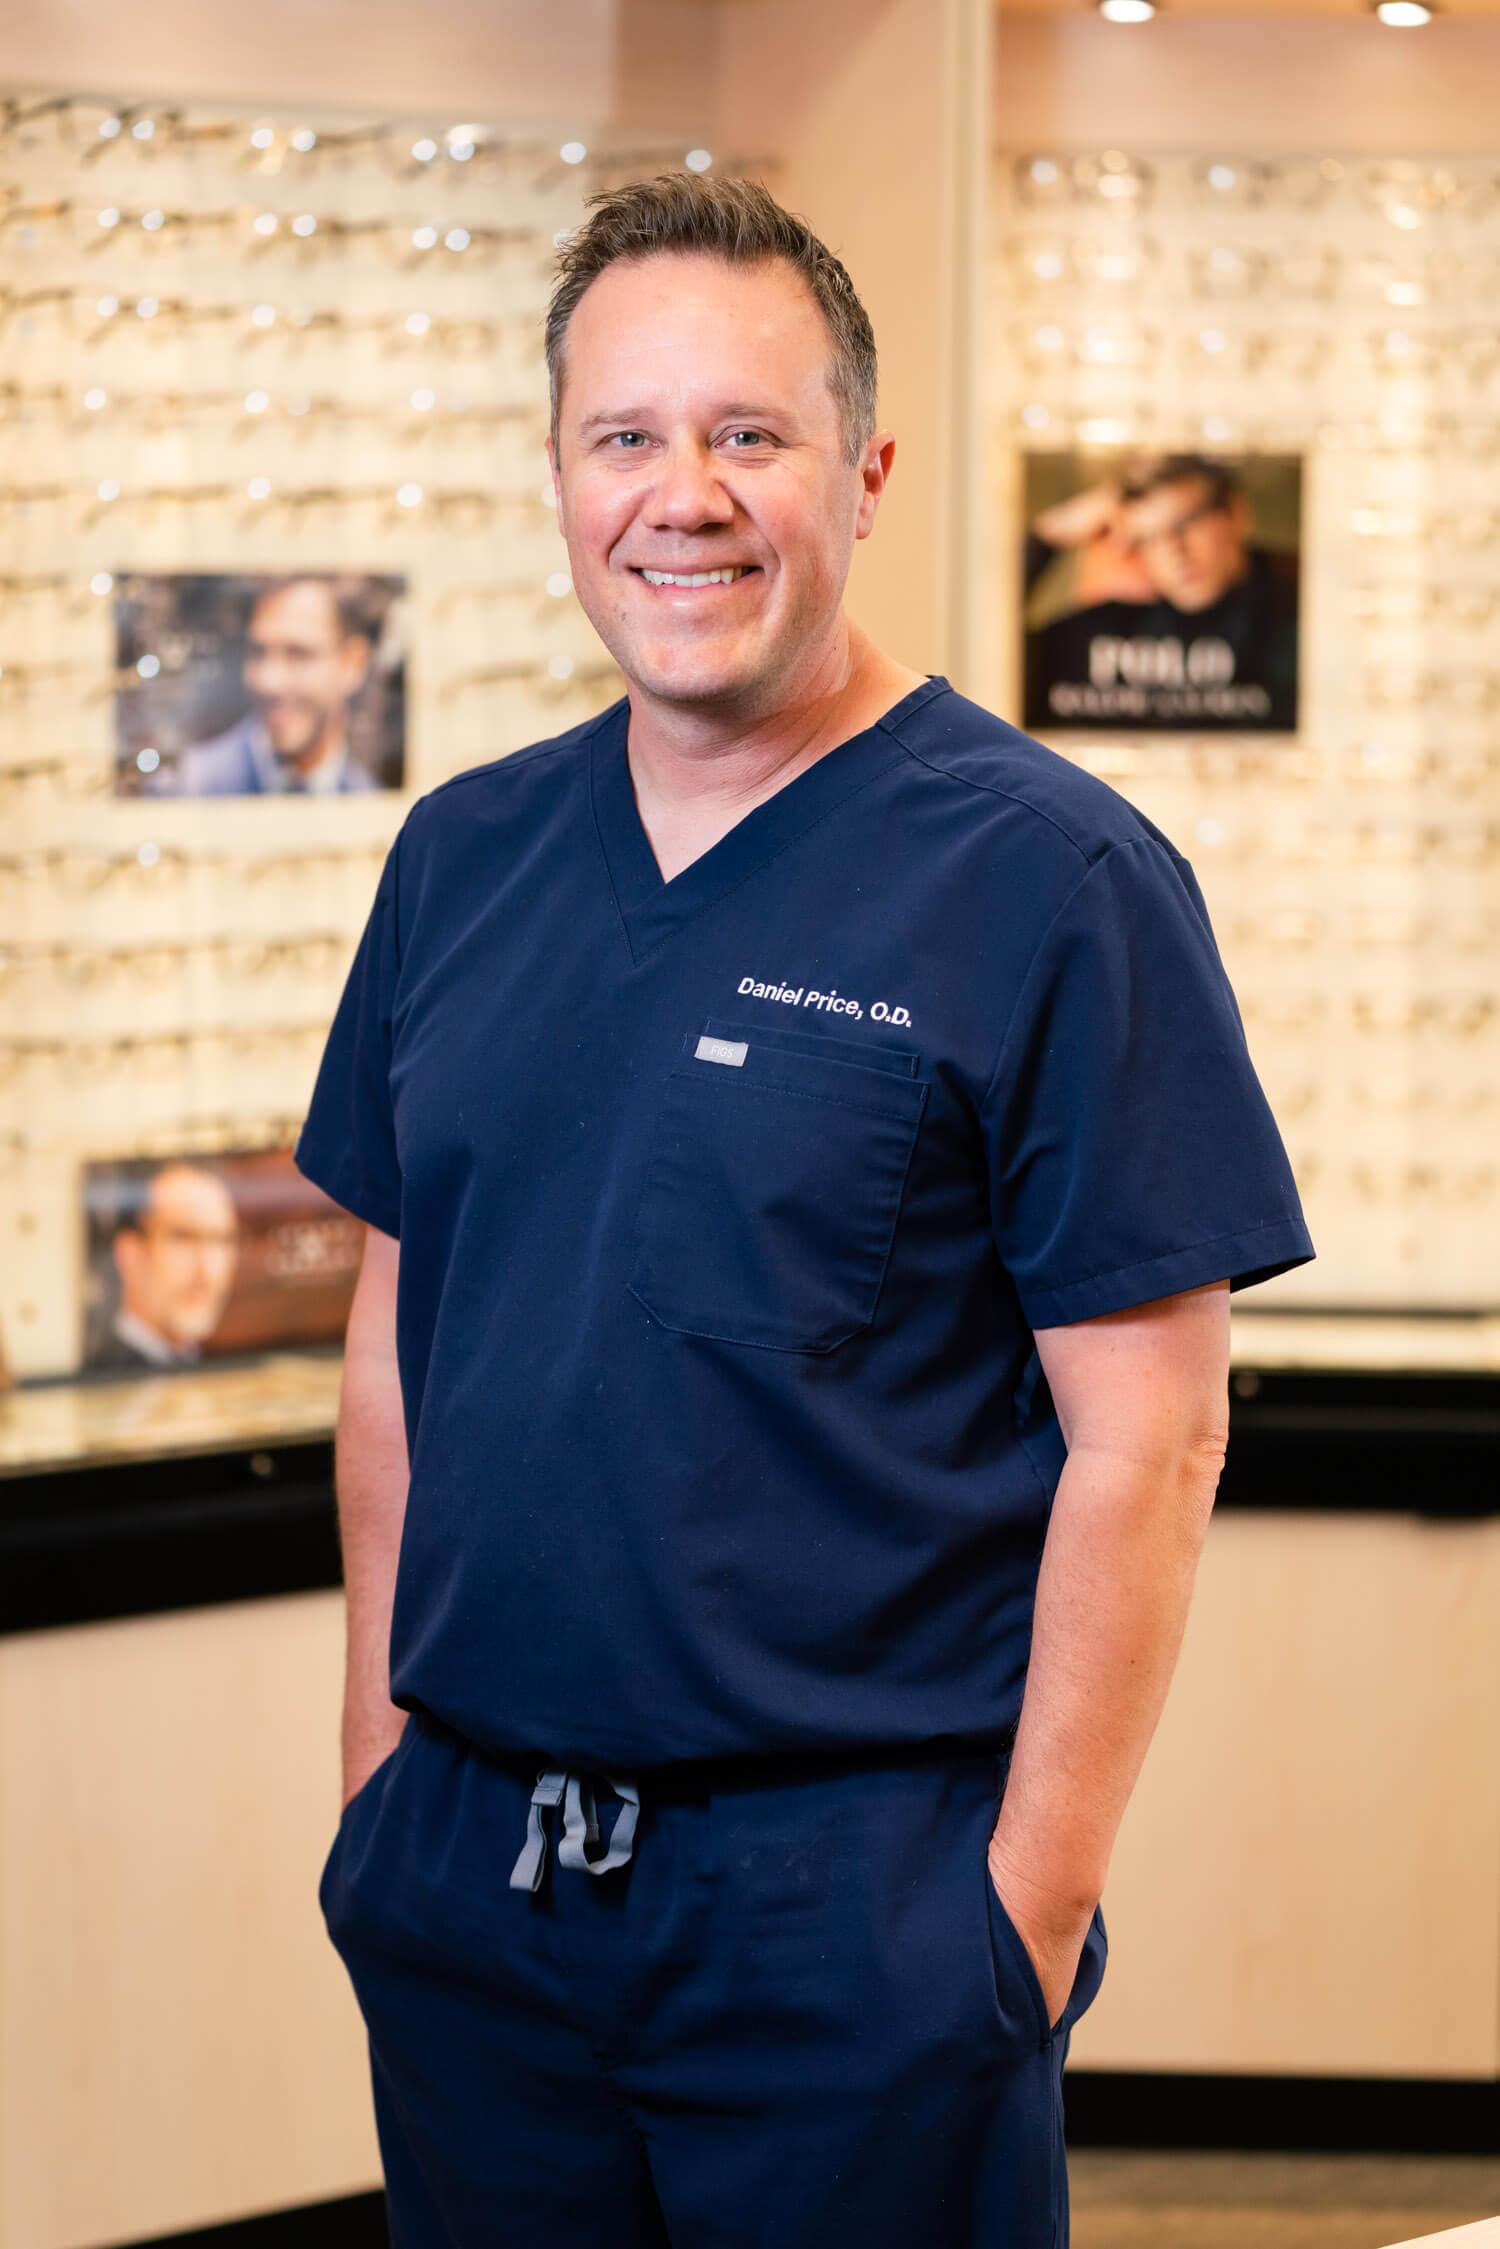 Dr.-Daniel-Price